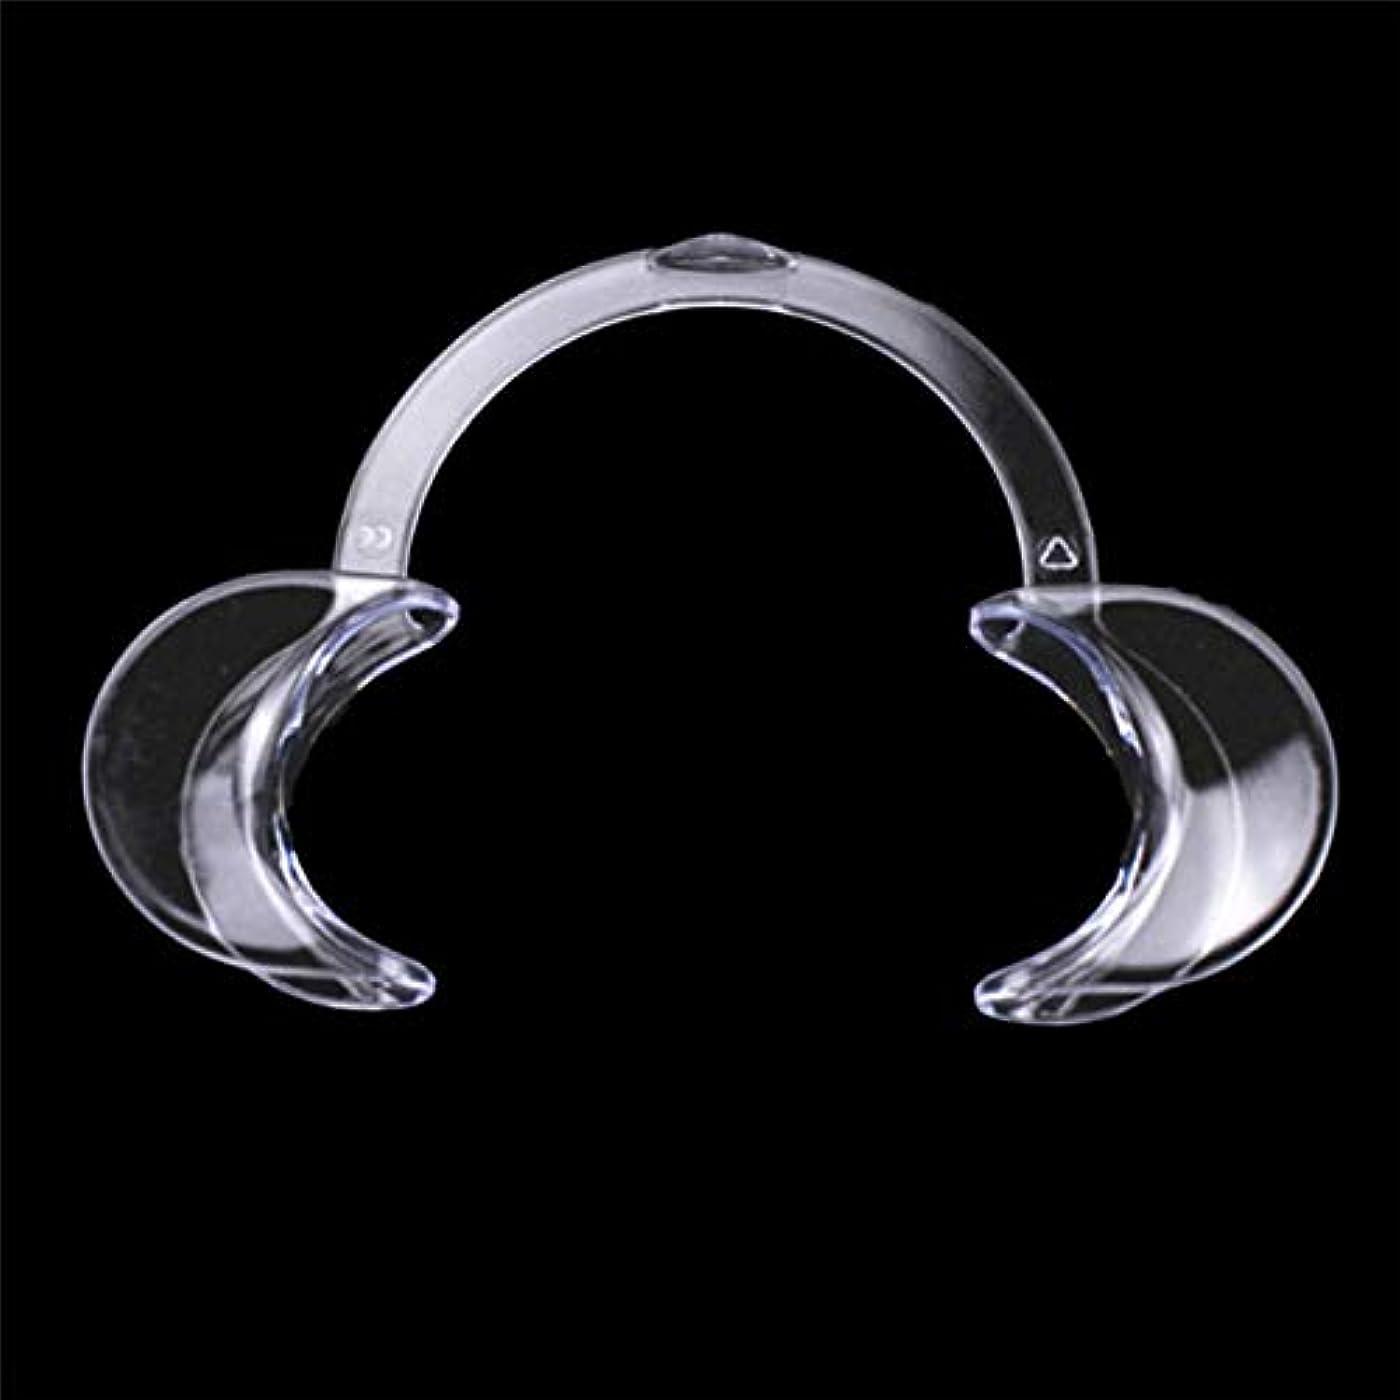 規制リーフレットソートDC パック 歯科 C型 開口器 口オープナー マウスオープナー 開口マウスオープナー C型ホワイトニング口の開創器